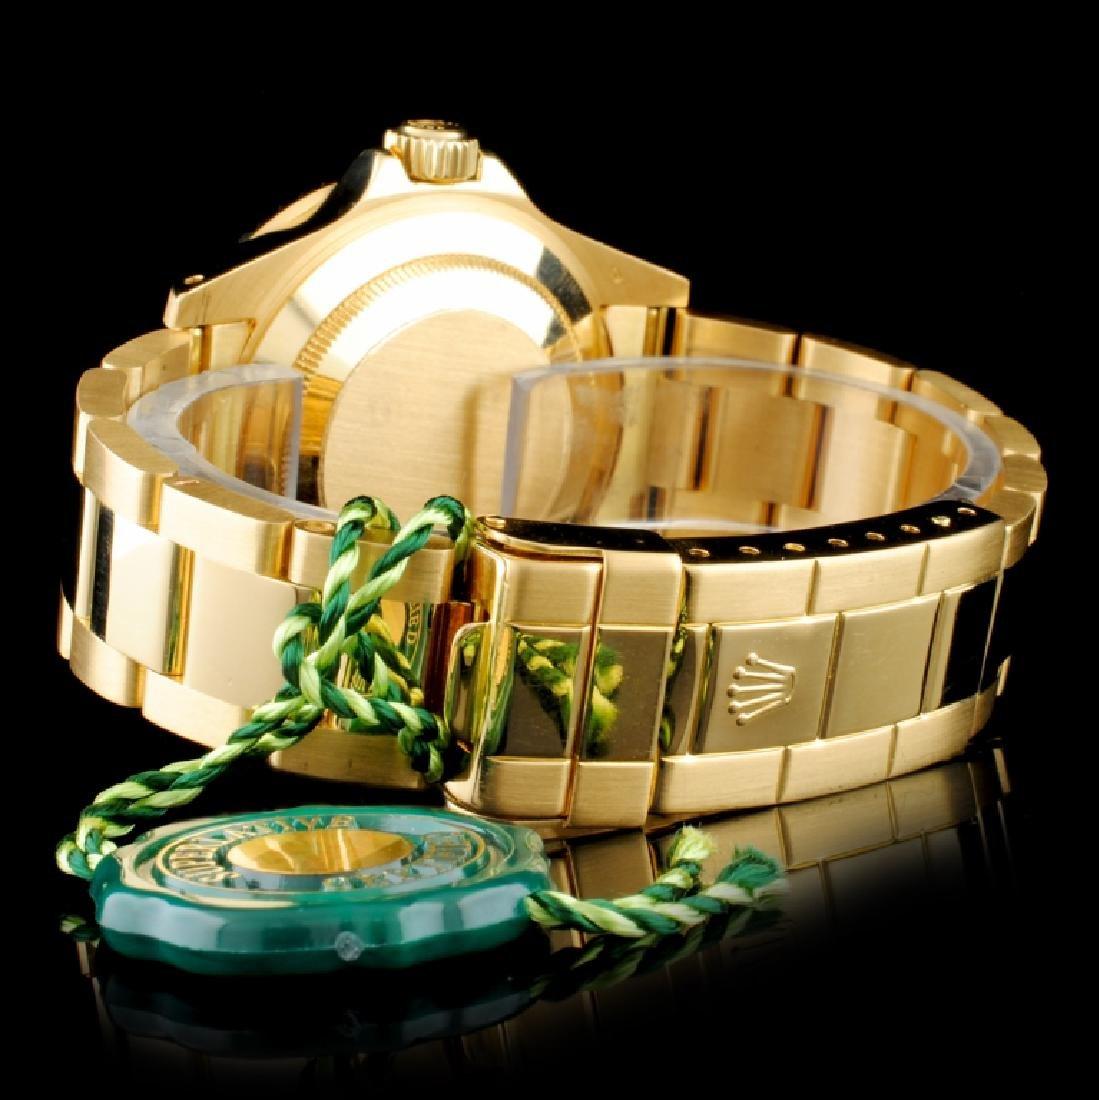 Rolex Submariner 16618 18K Gold 40mm Wristwatch - 5